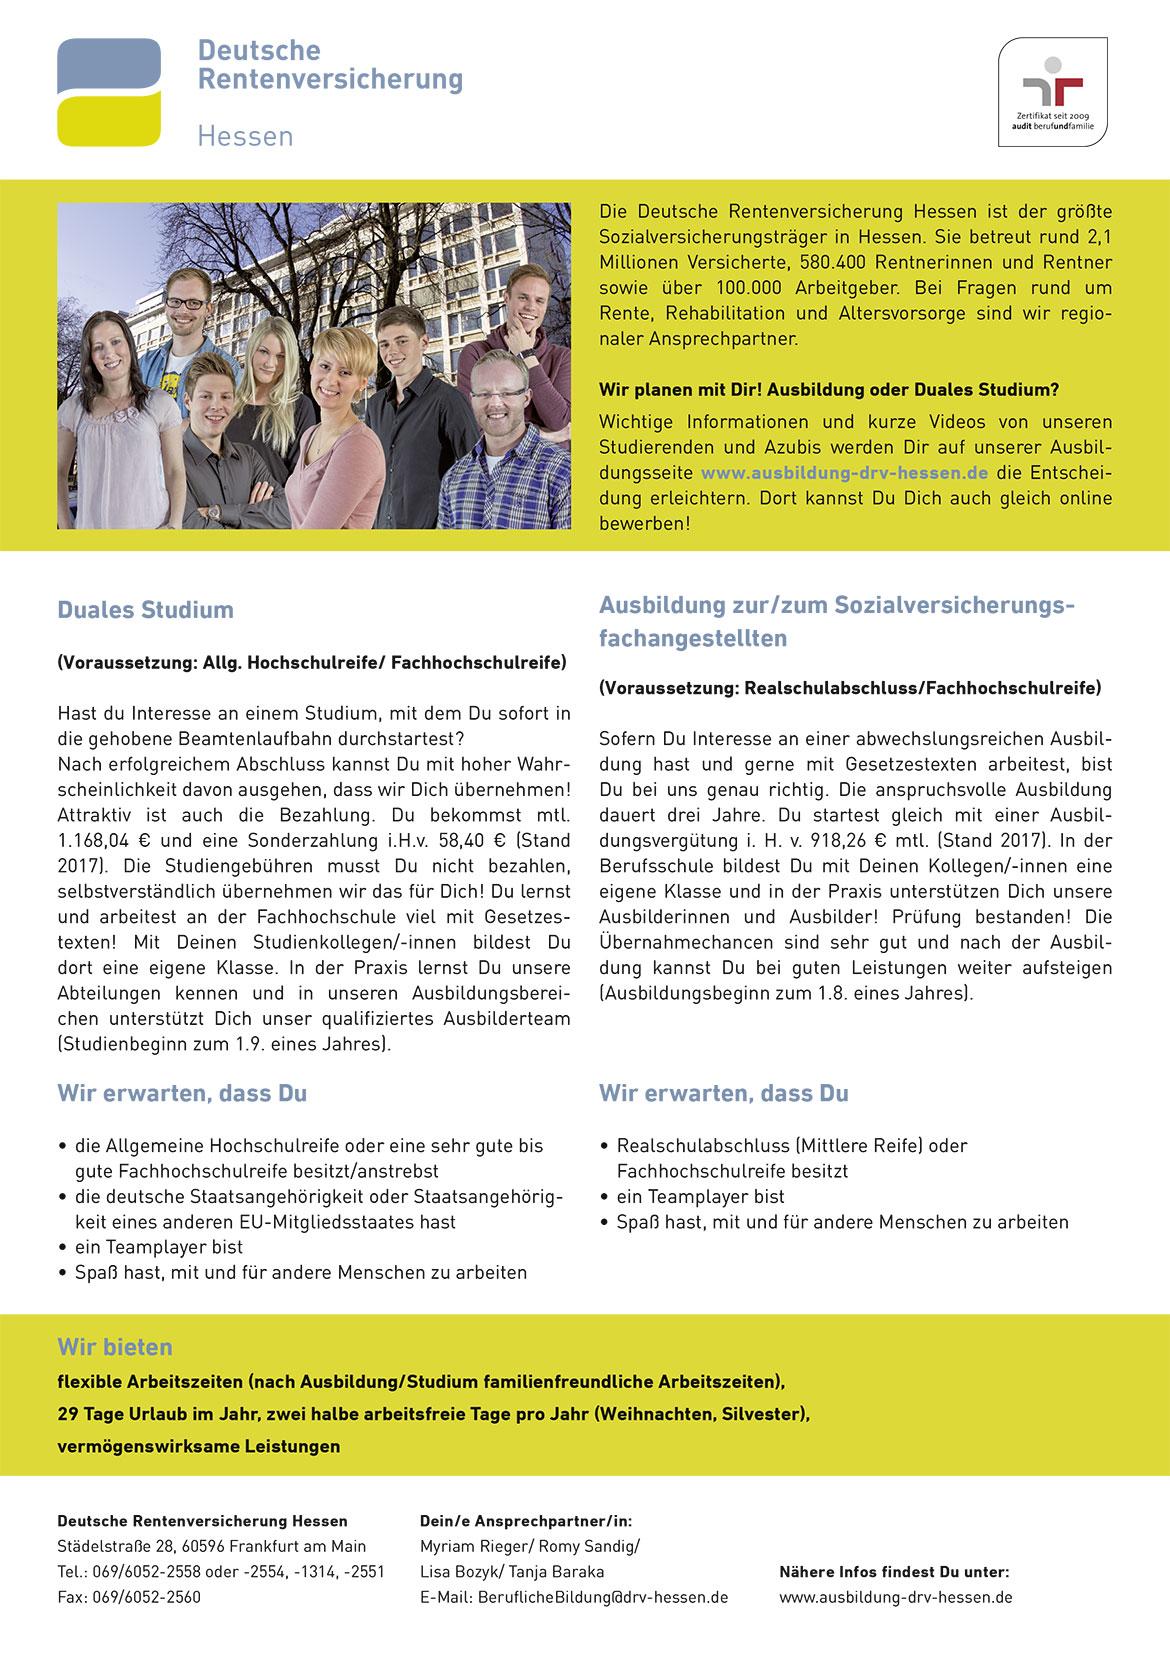 Ausbildungsplakat: Deutsche Rentenversicherung